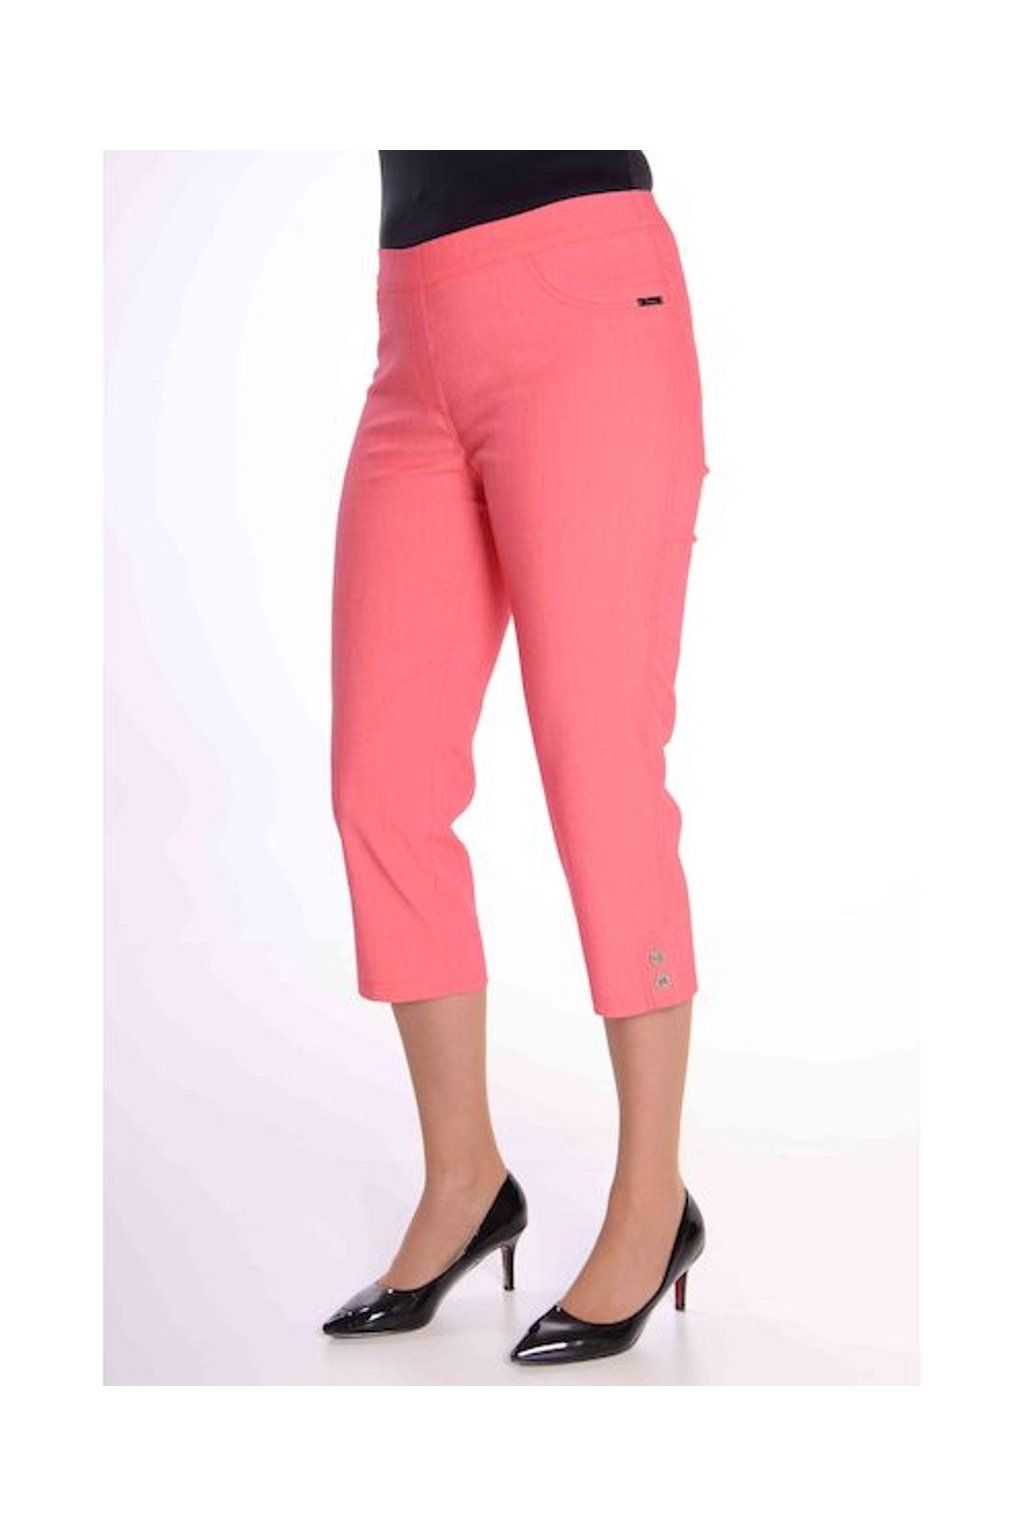 69T Kalhoty Julie (Velikost 36, Barva Růžová)